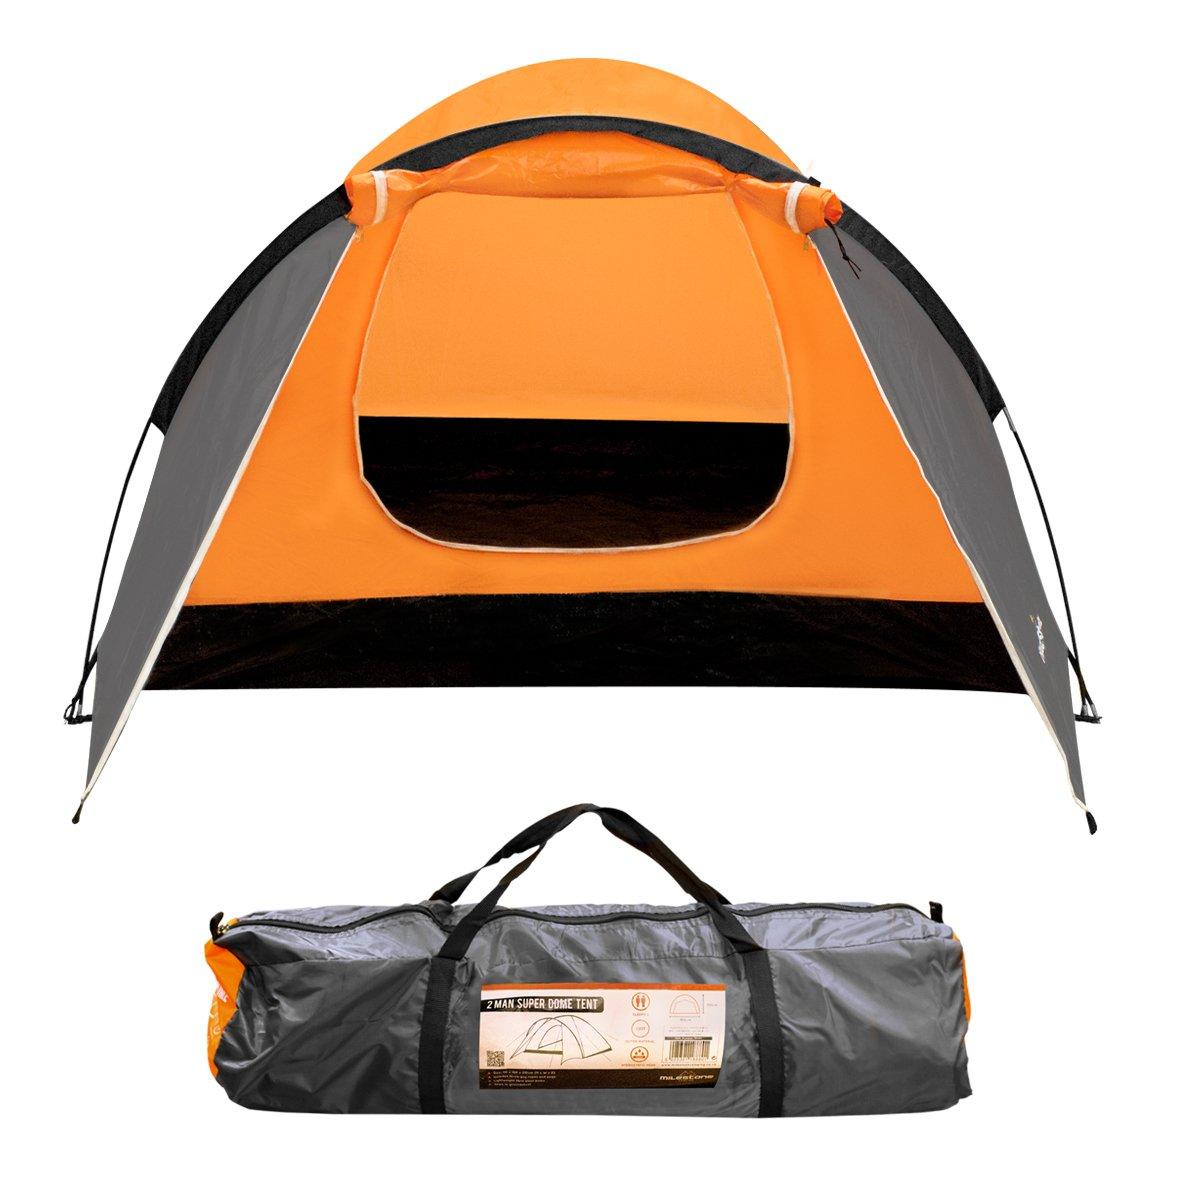 Milestone Camping Tienda súper iglú para dos personas Naranja unknown